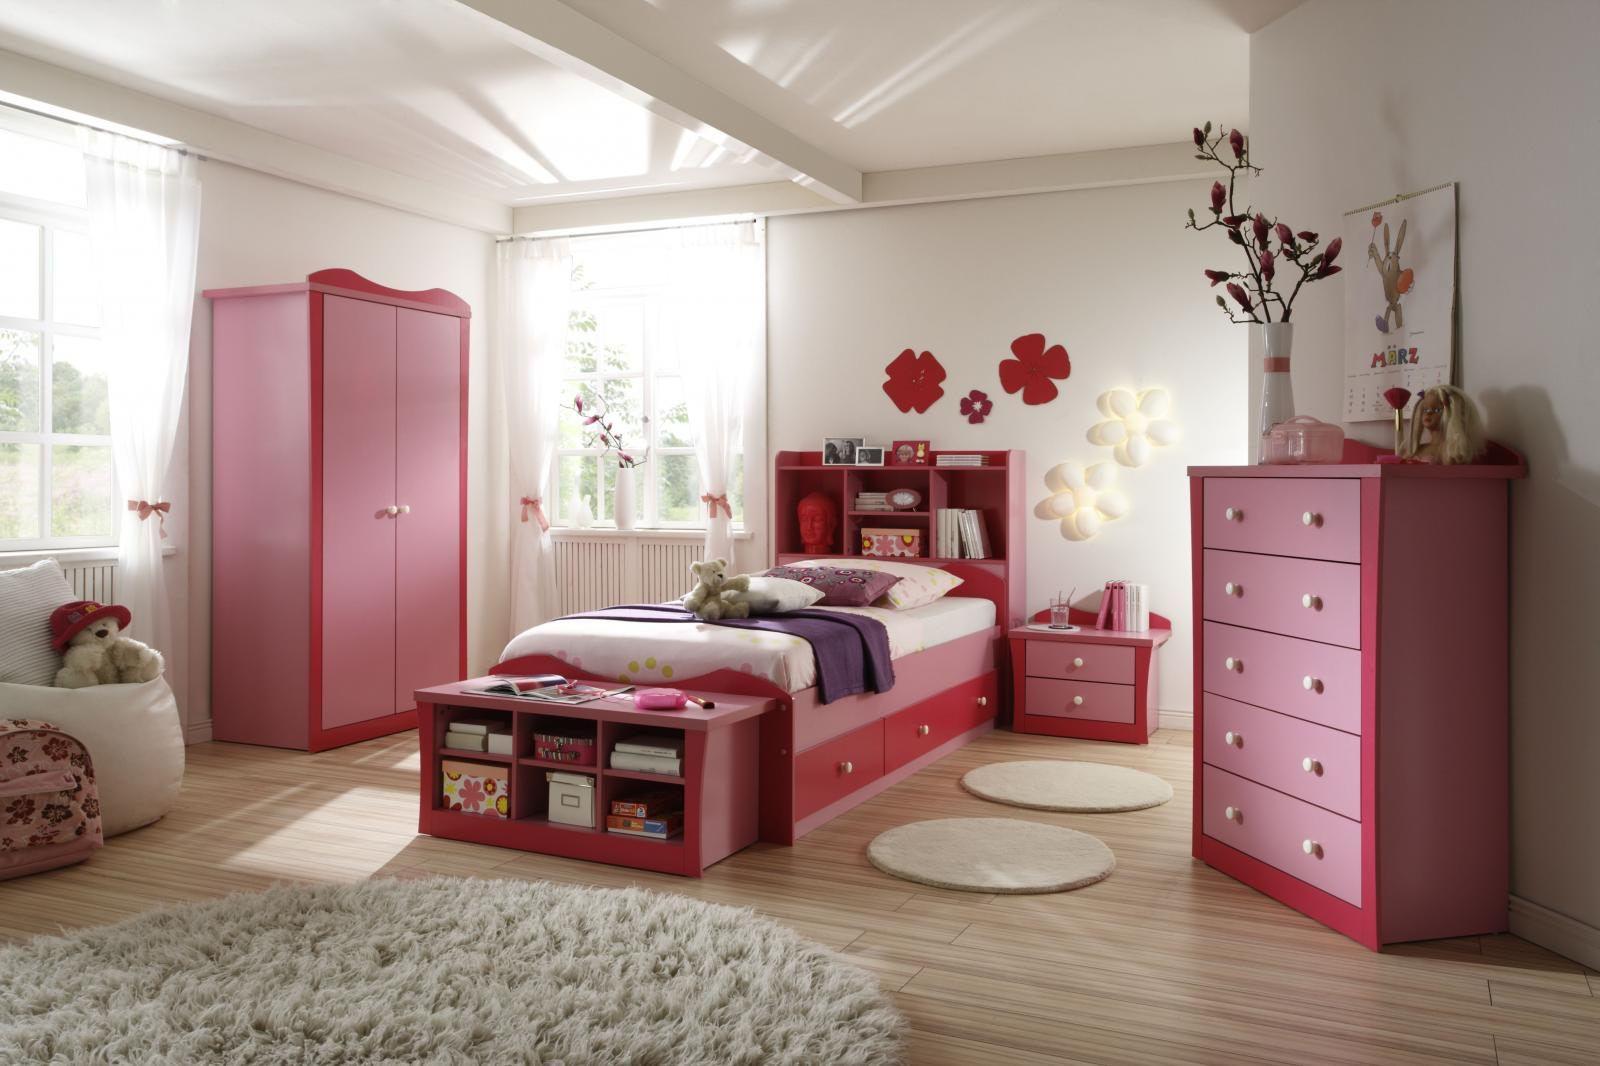 ایده های جذاب در دکوراسیون اتاق خواب نوجوان